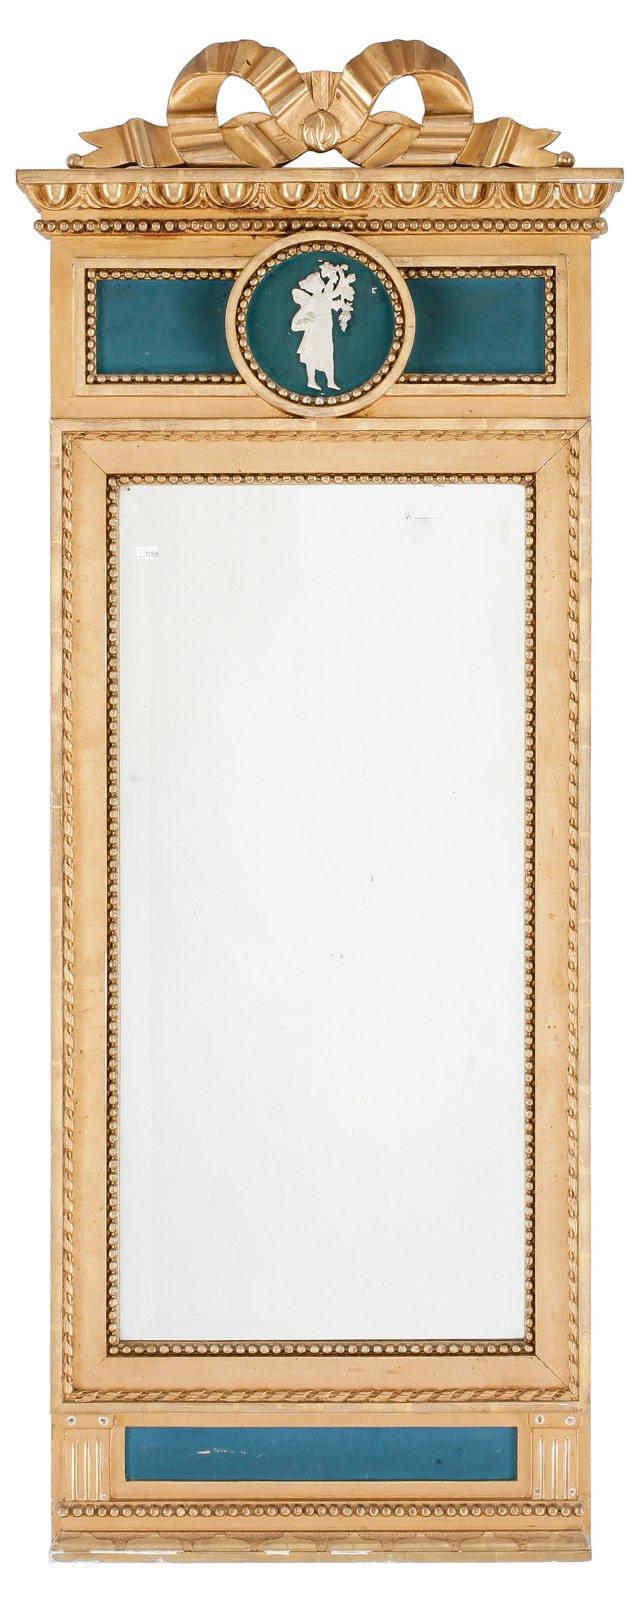 Gustavian Blue Mirror